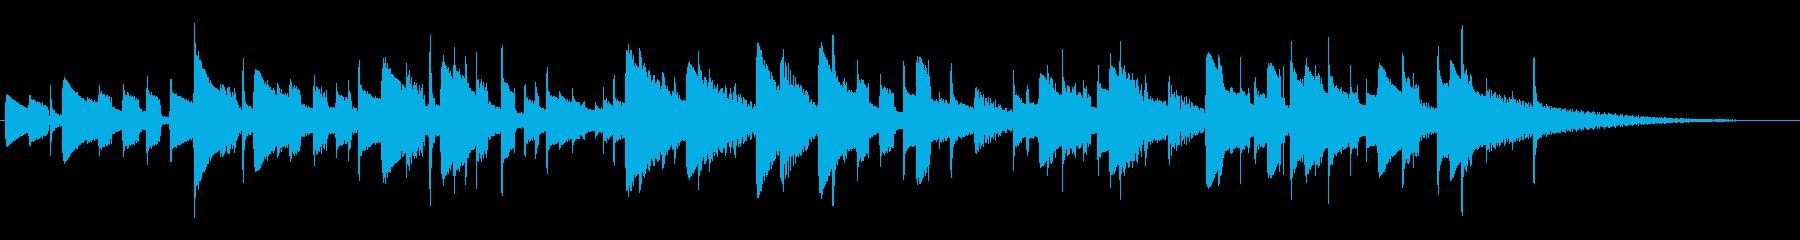 カリンバ:ショートチューン、音楽テ...の再生済みの波形